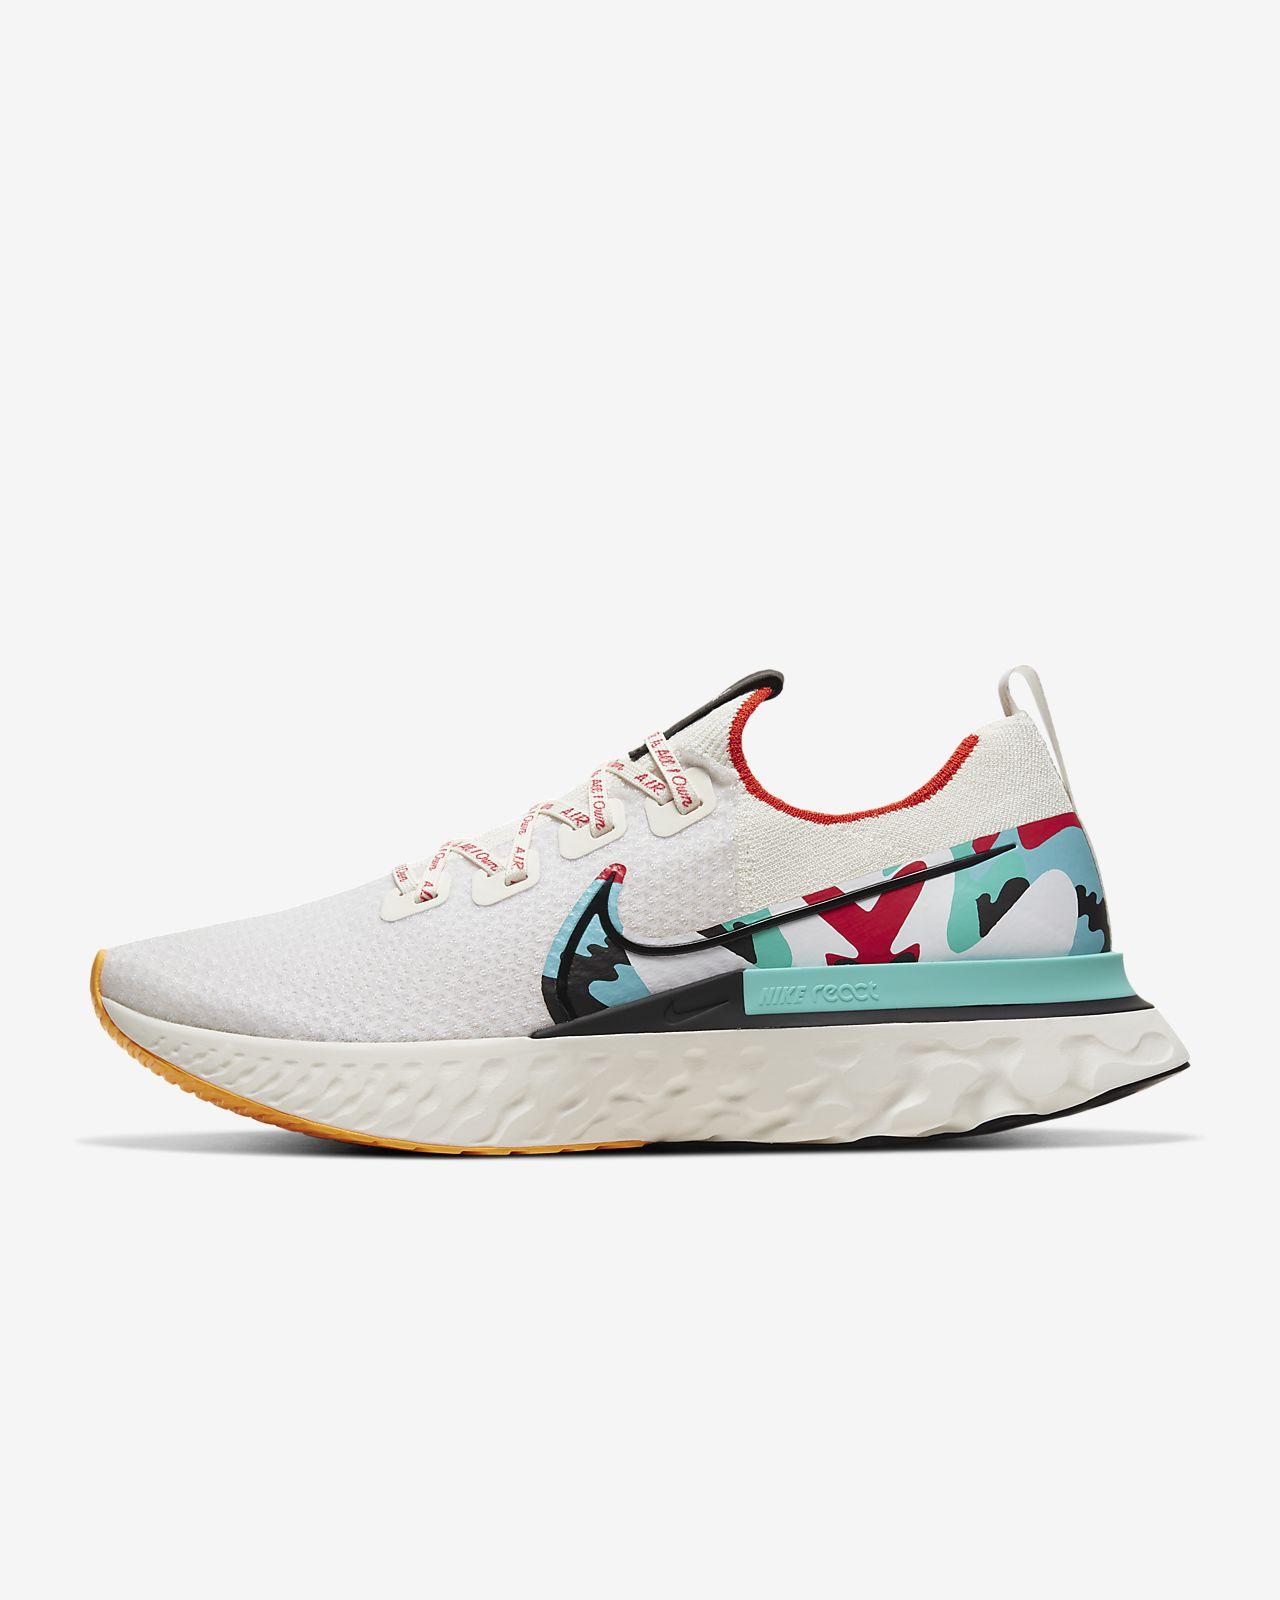 Chaussure de running Nike React Infinity Run Flyknit A.I.R. Chaussure de running pour Homme